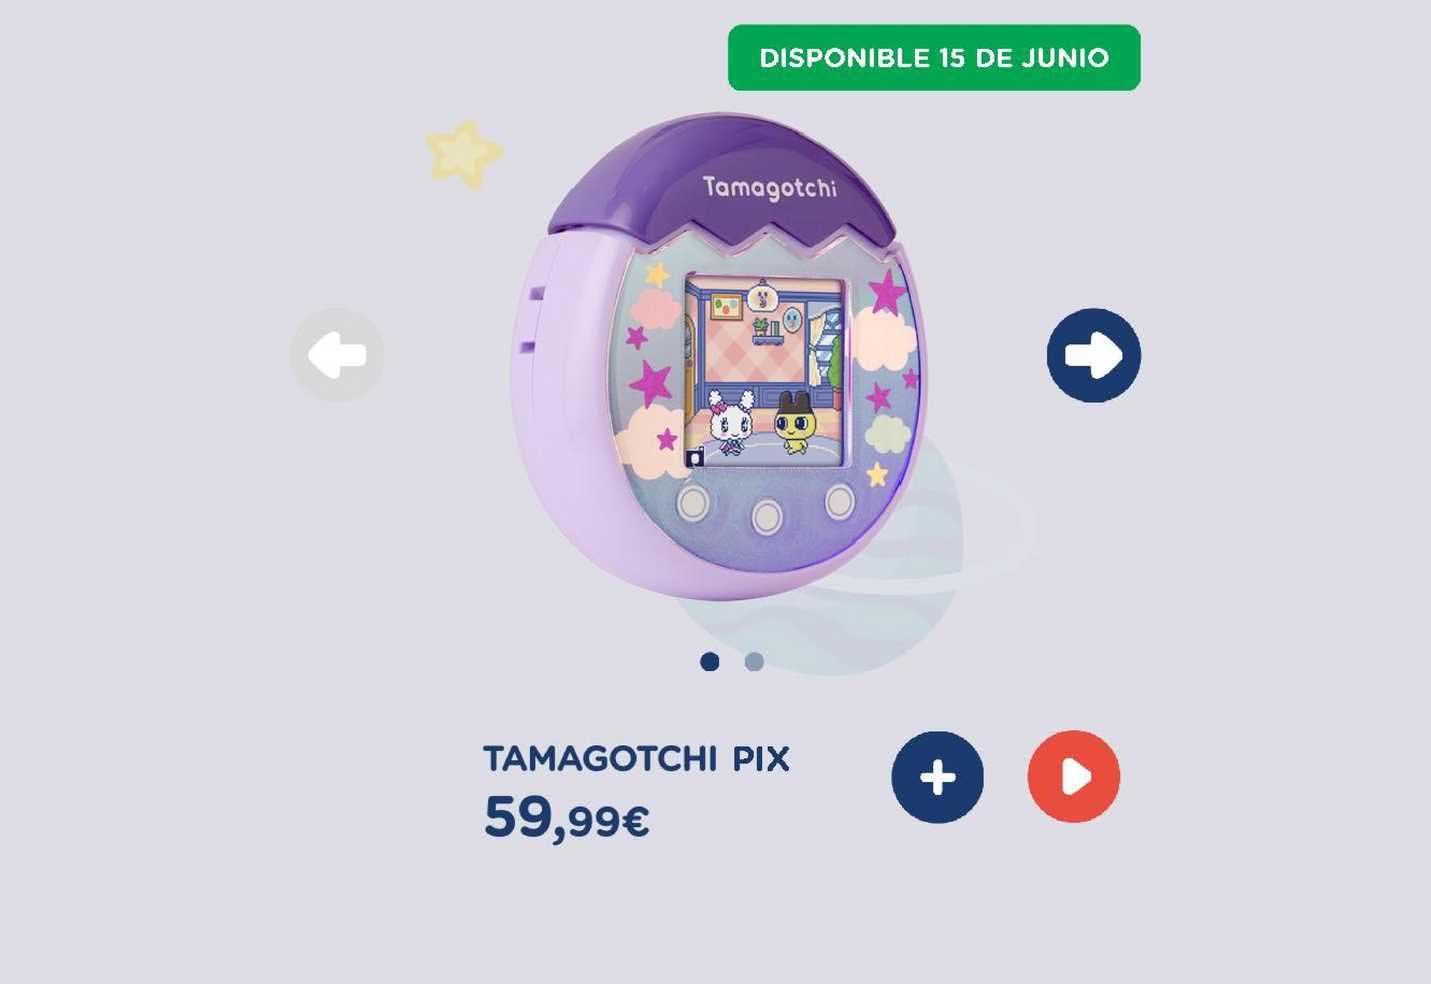 El Corte Inglés Tamagotchi Pix